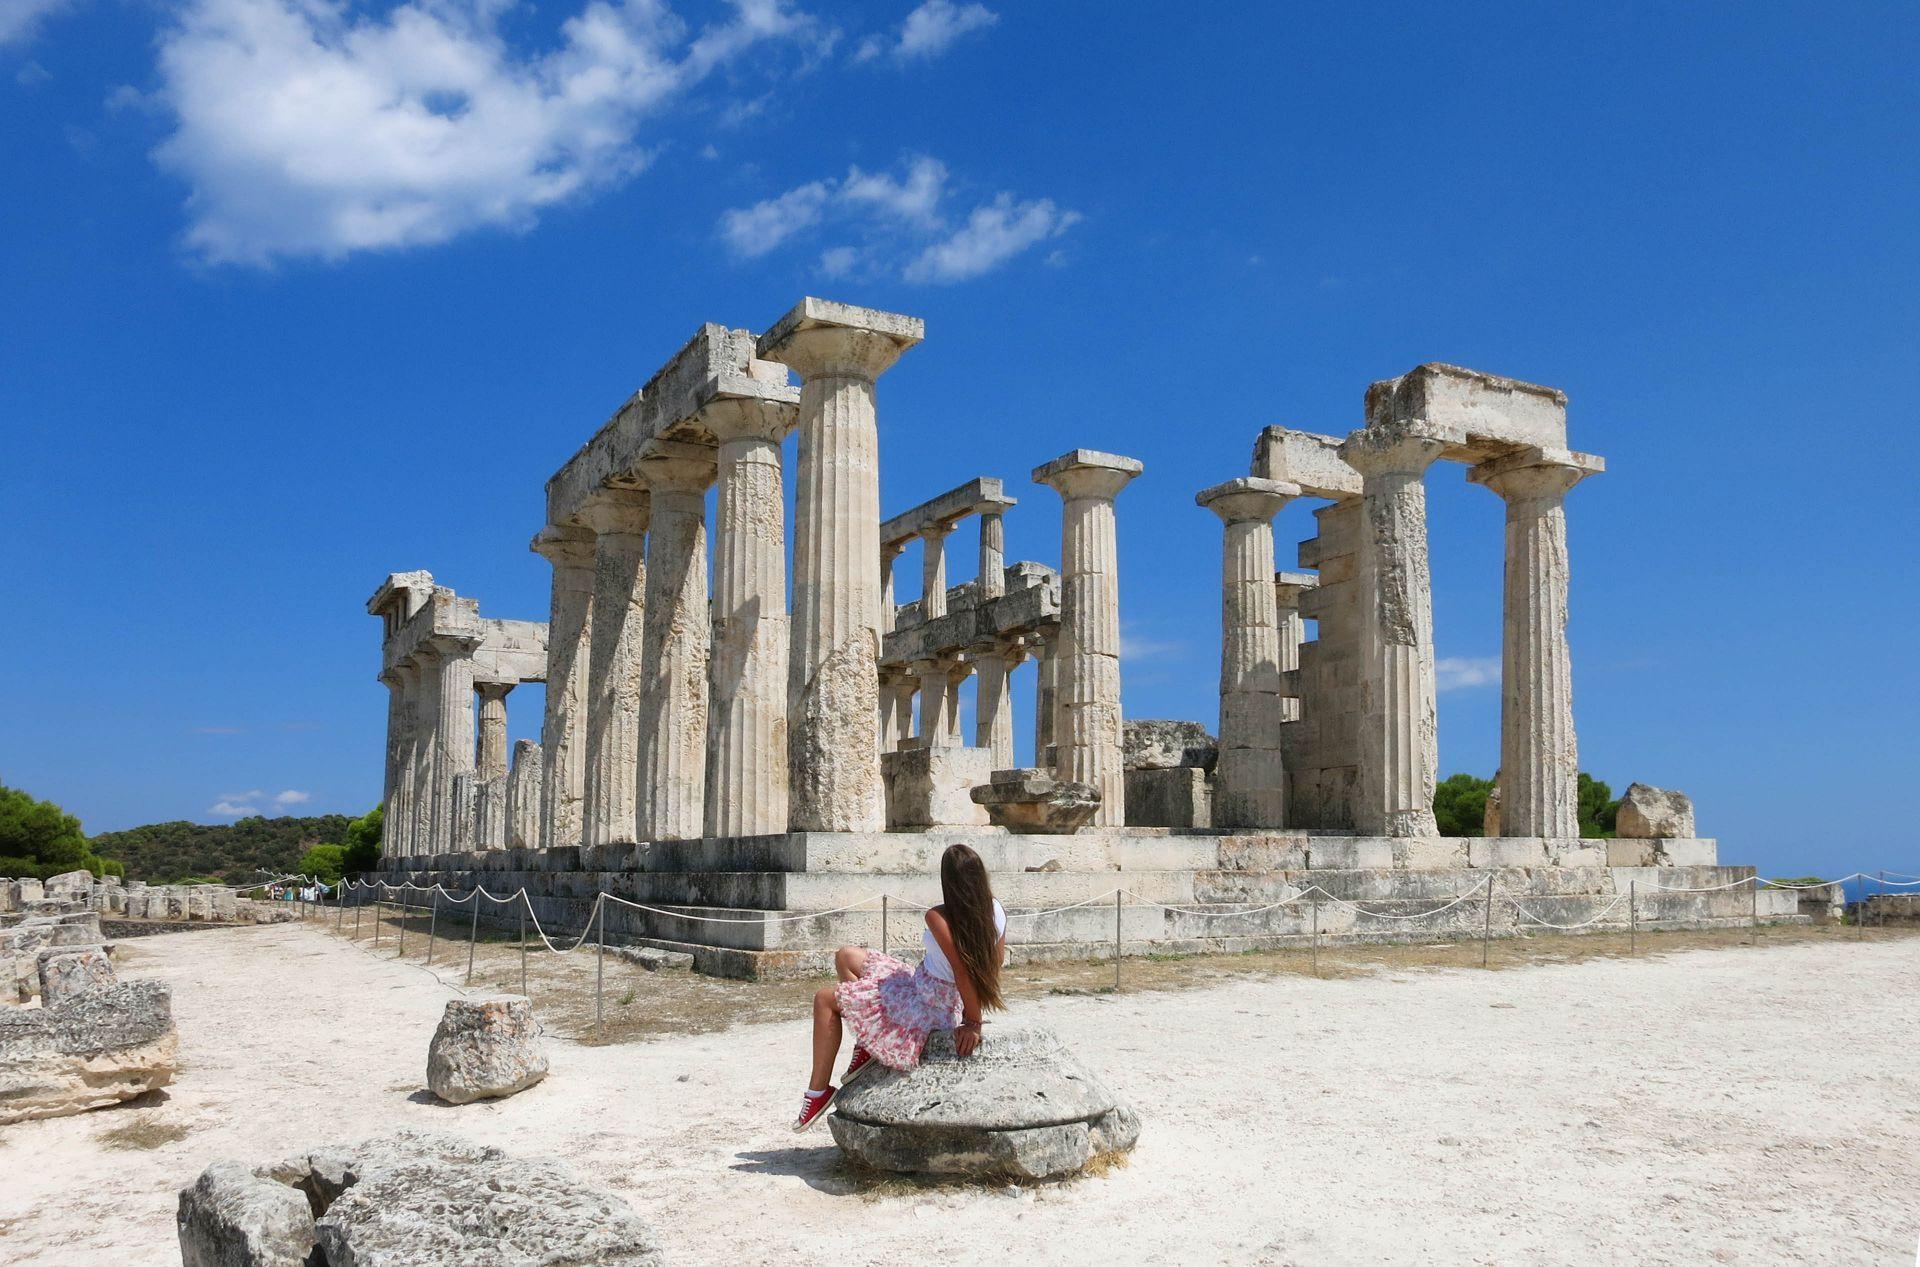 Aegina island: Aphaia temple